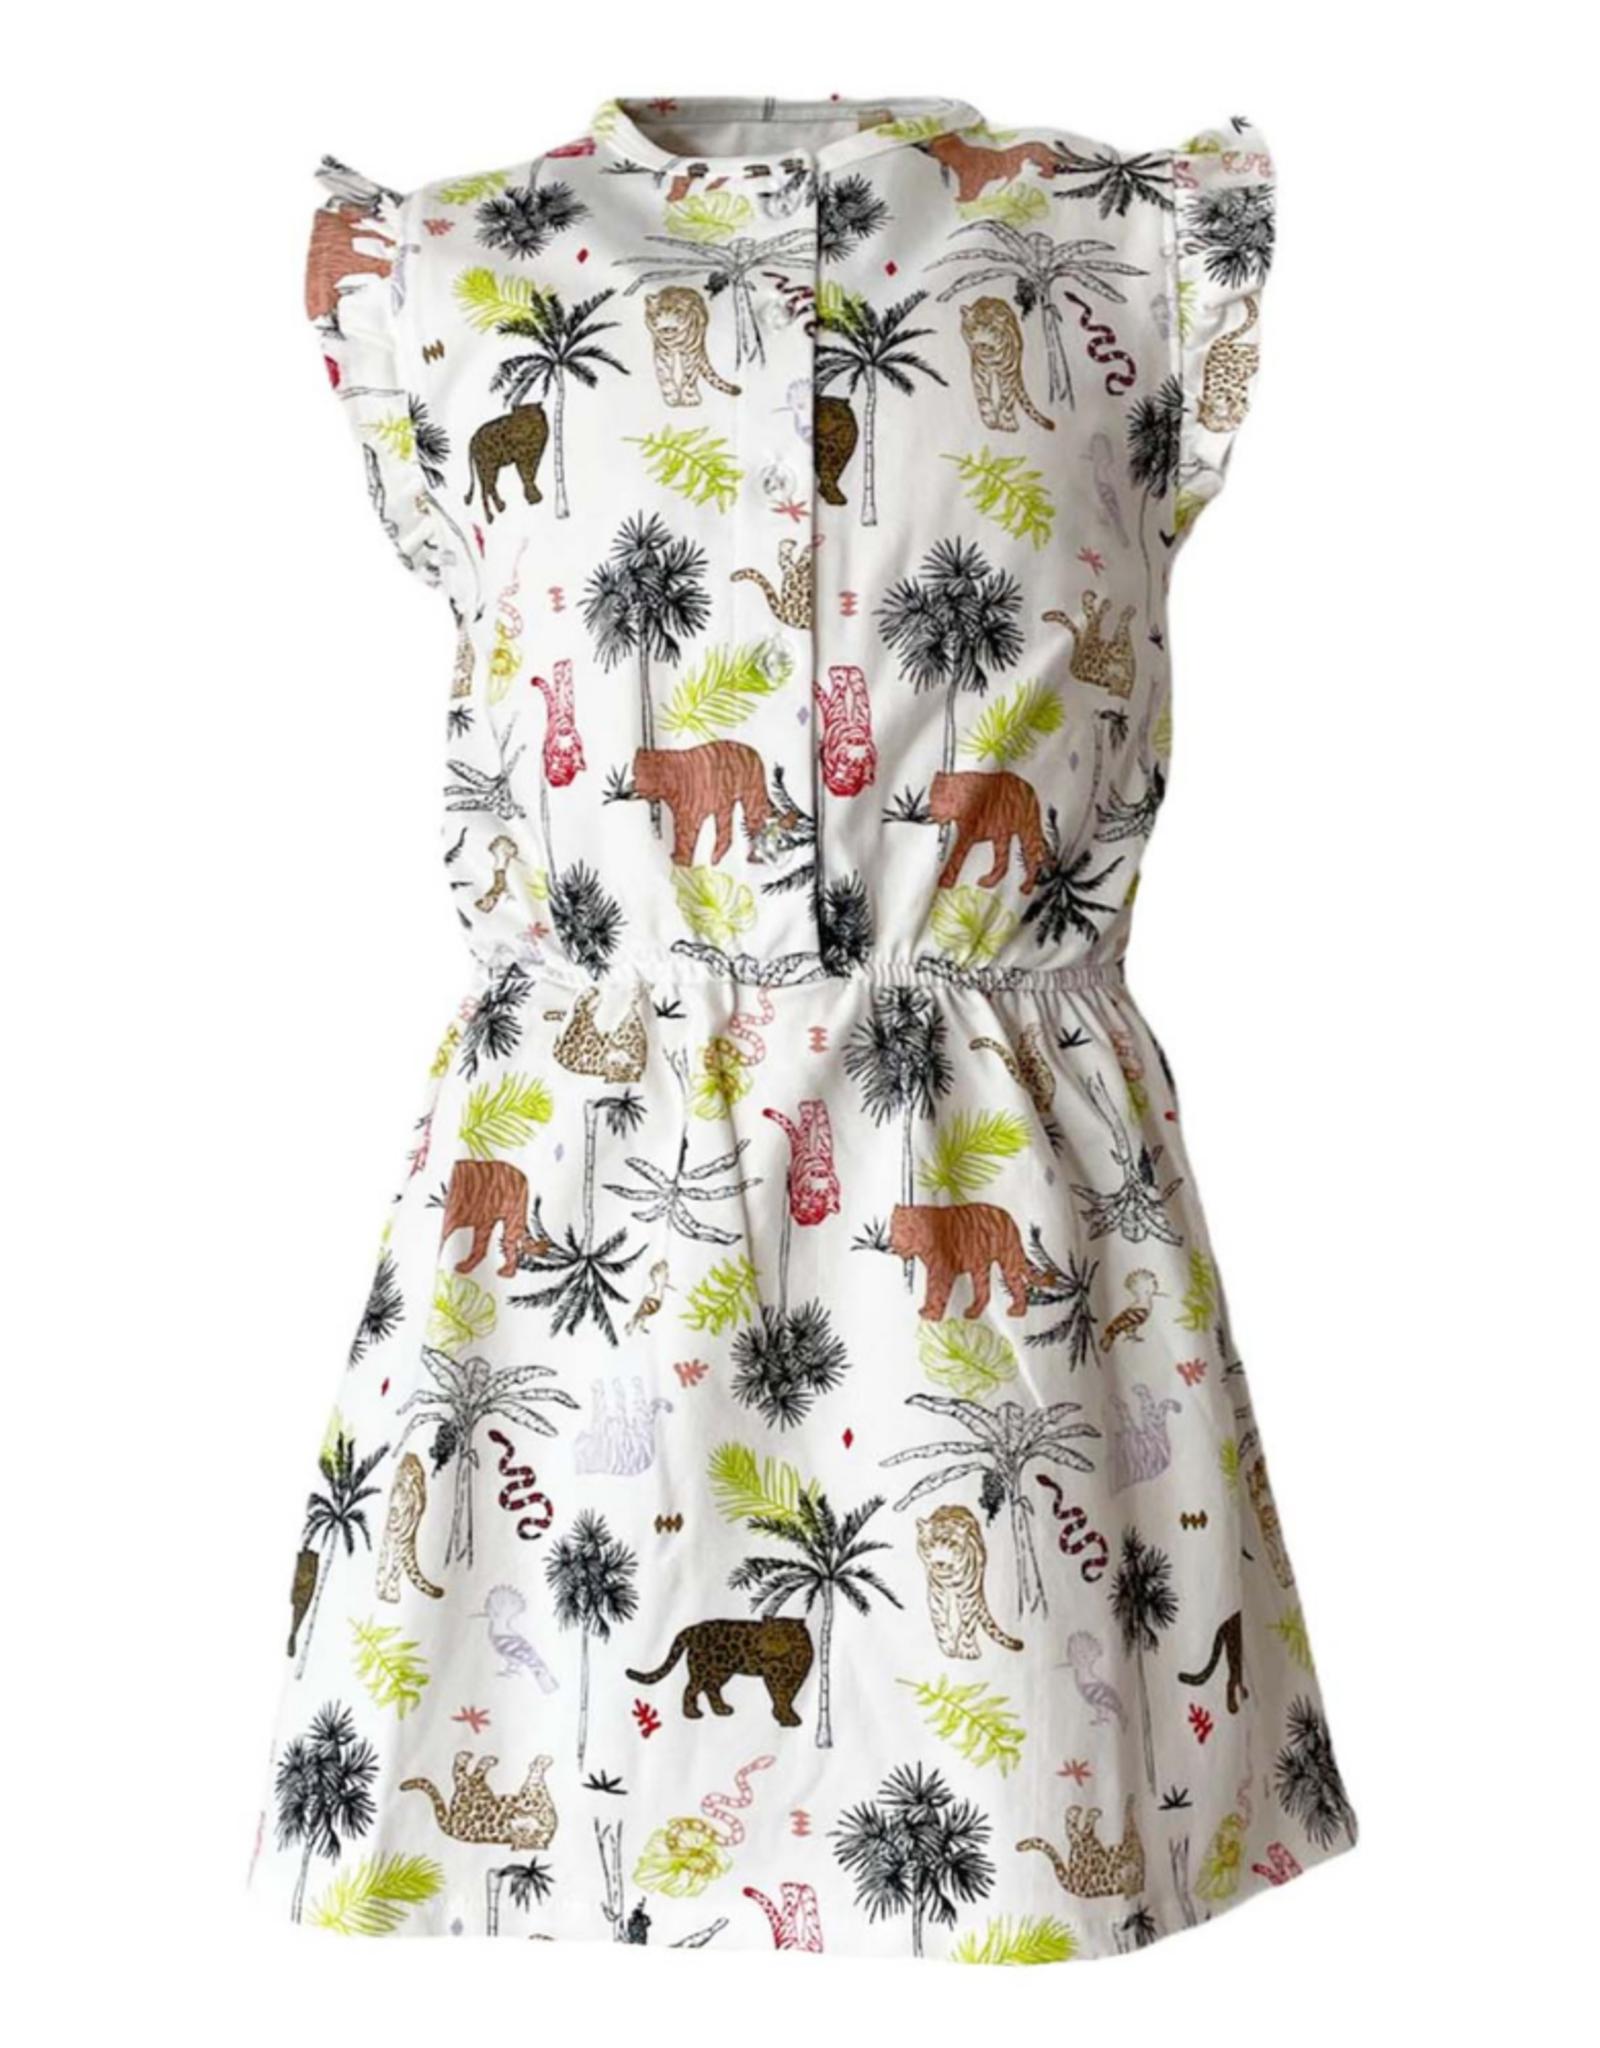 Topitm TOPitm jurk Sammy white/animal